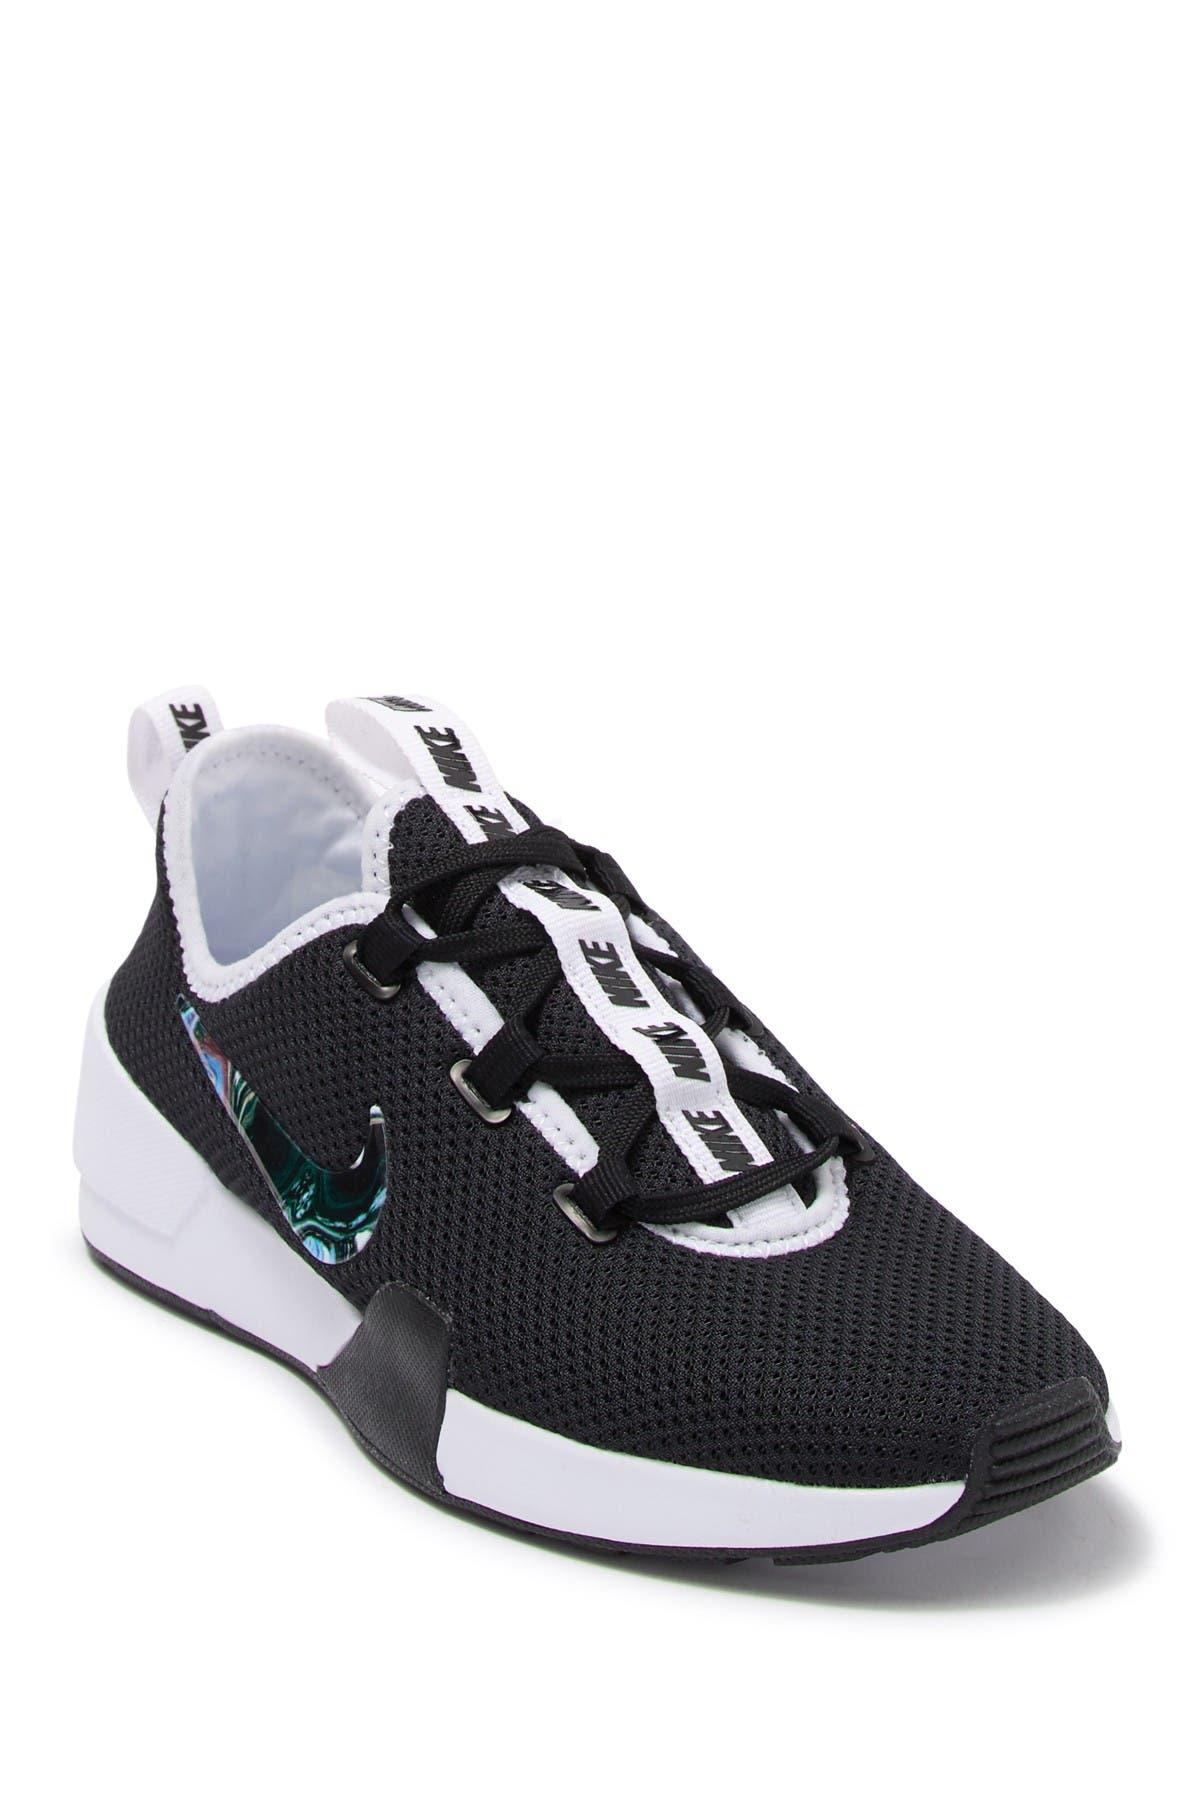 Nike | Ashin Modern Print Sneaker